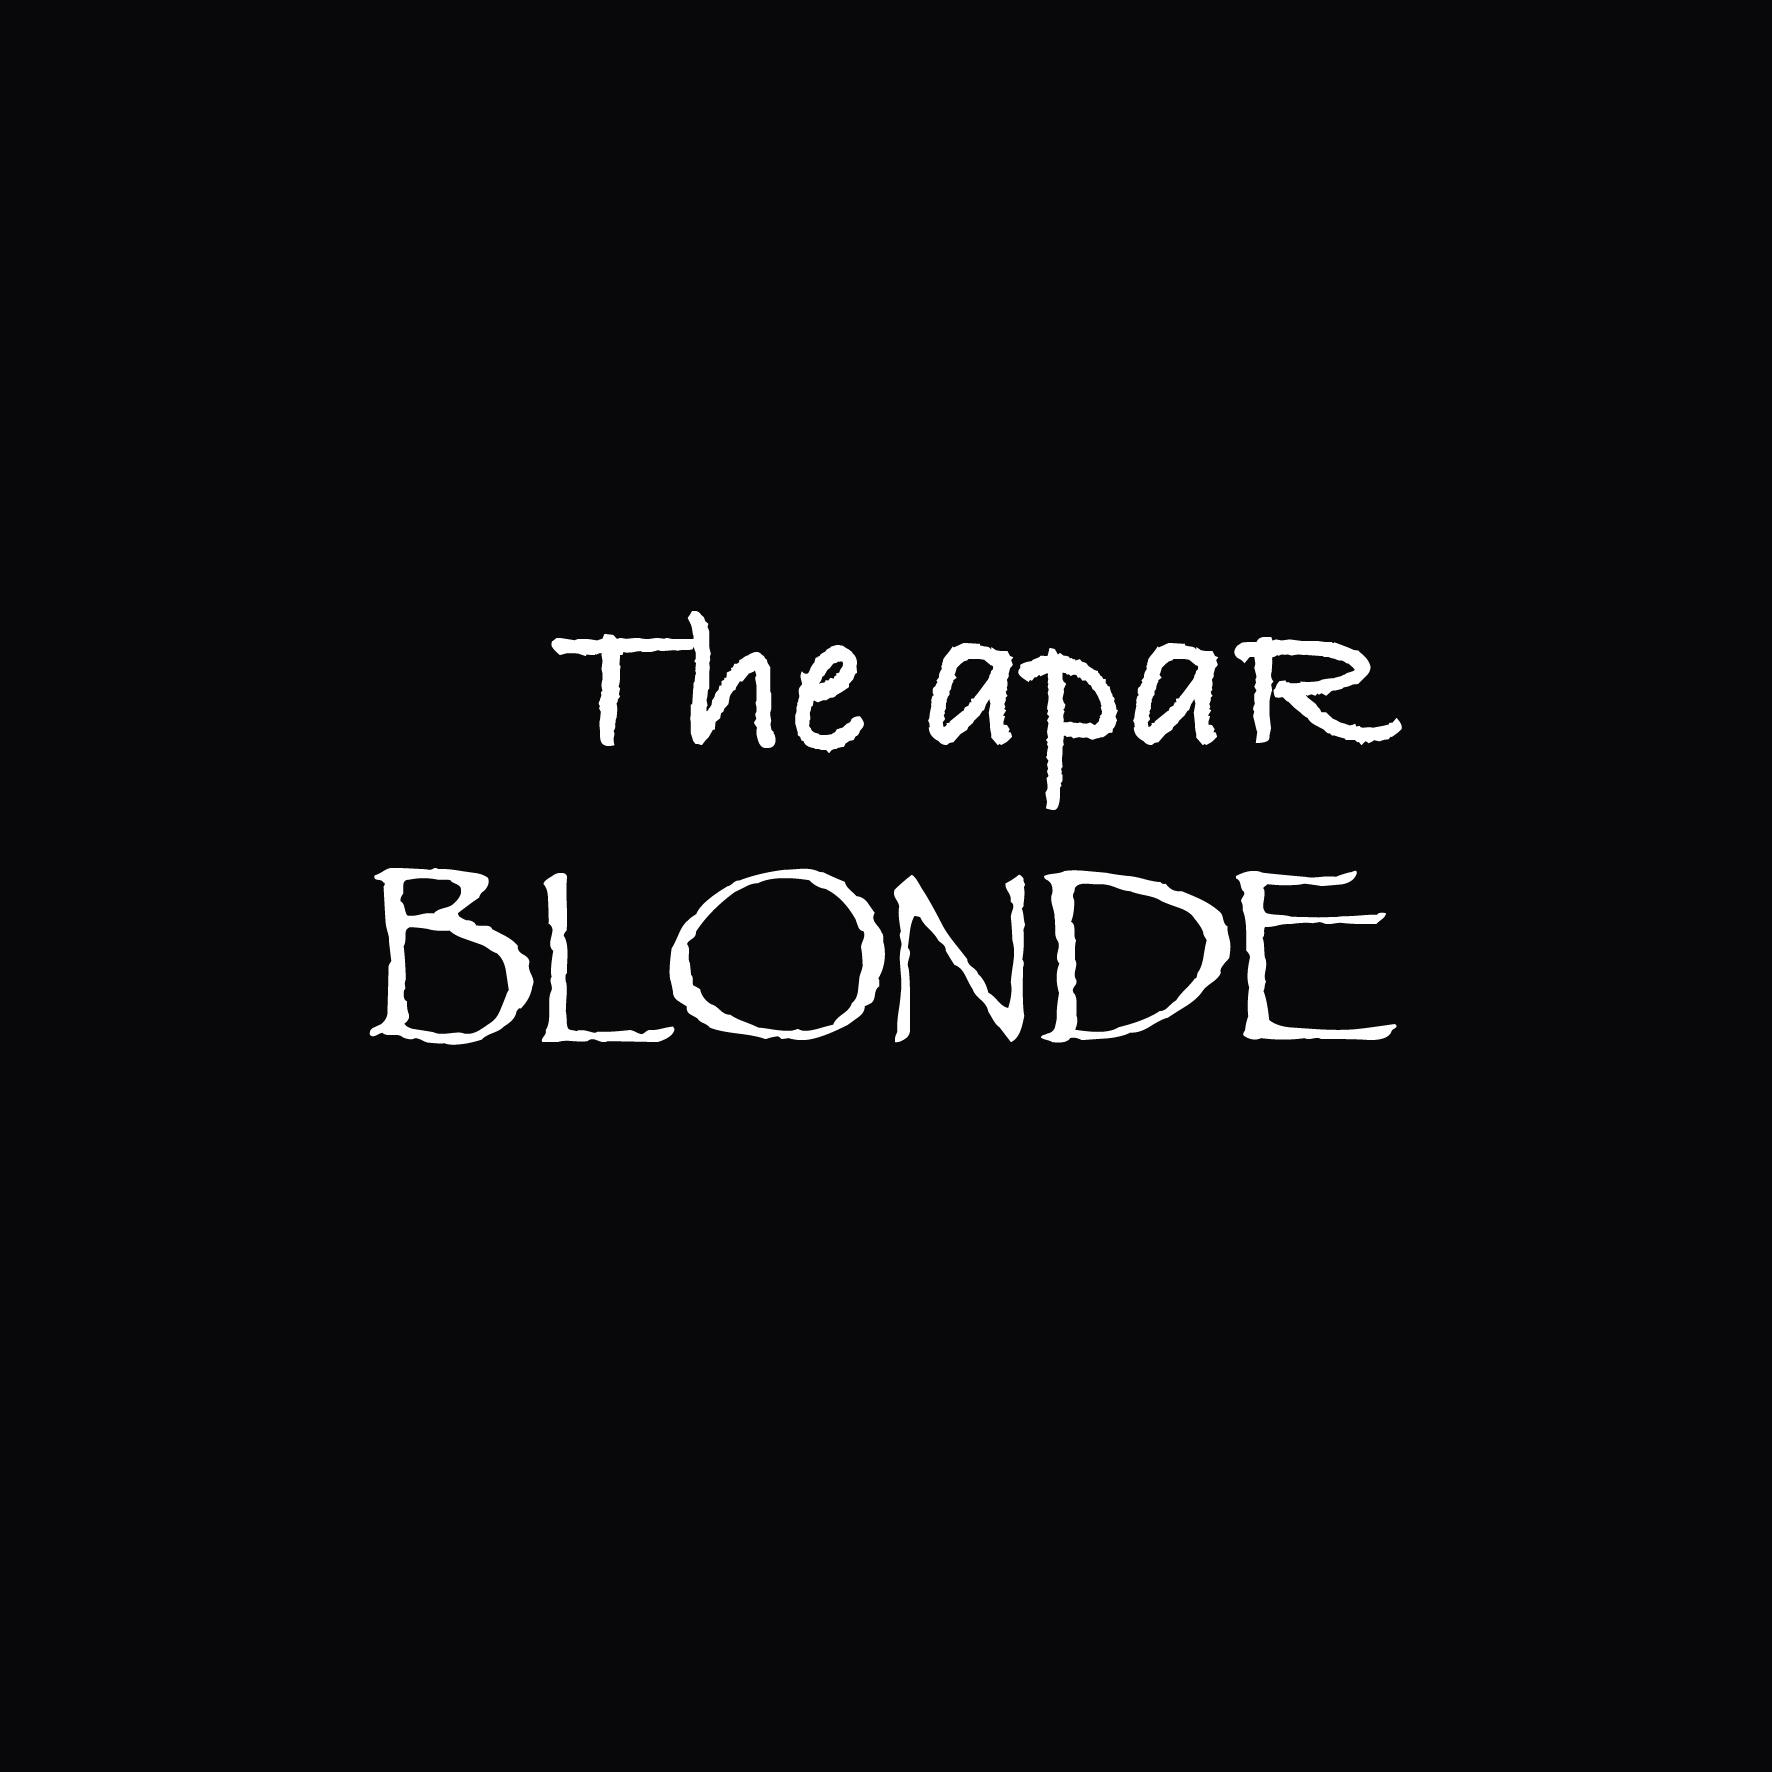 Apar title2 blonde